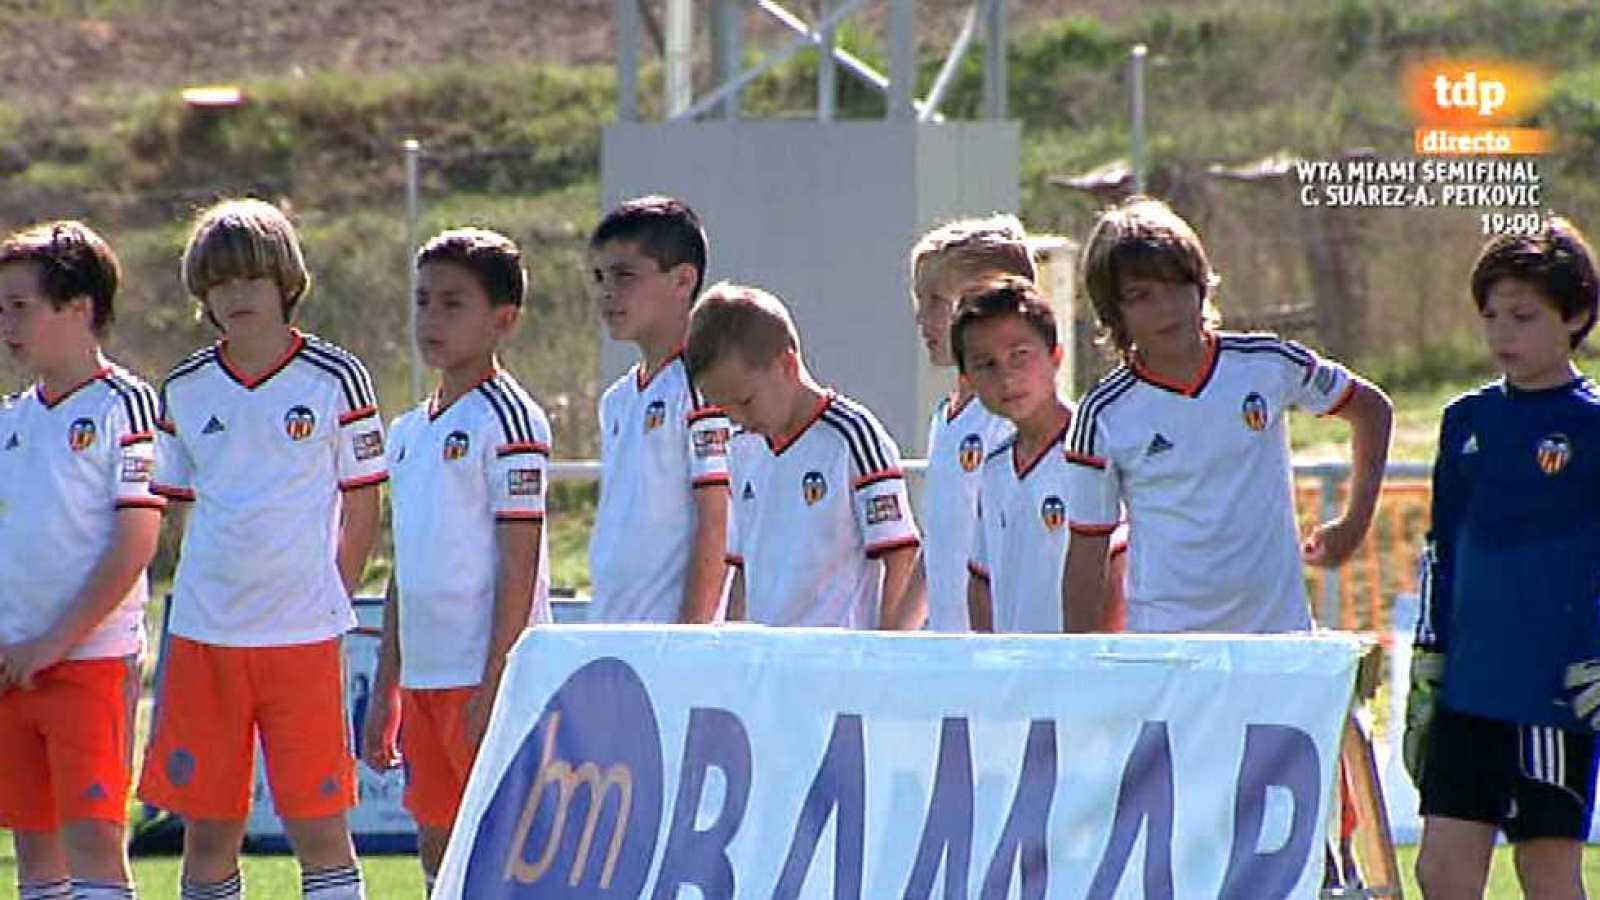 Para todos los públicos Fútbol - Iscar Cup  AC Milan-Valencia CF - ver  ahora reproducir video a6105094958ff